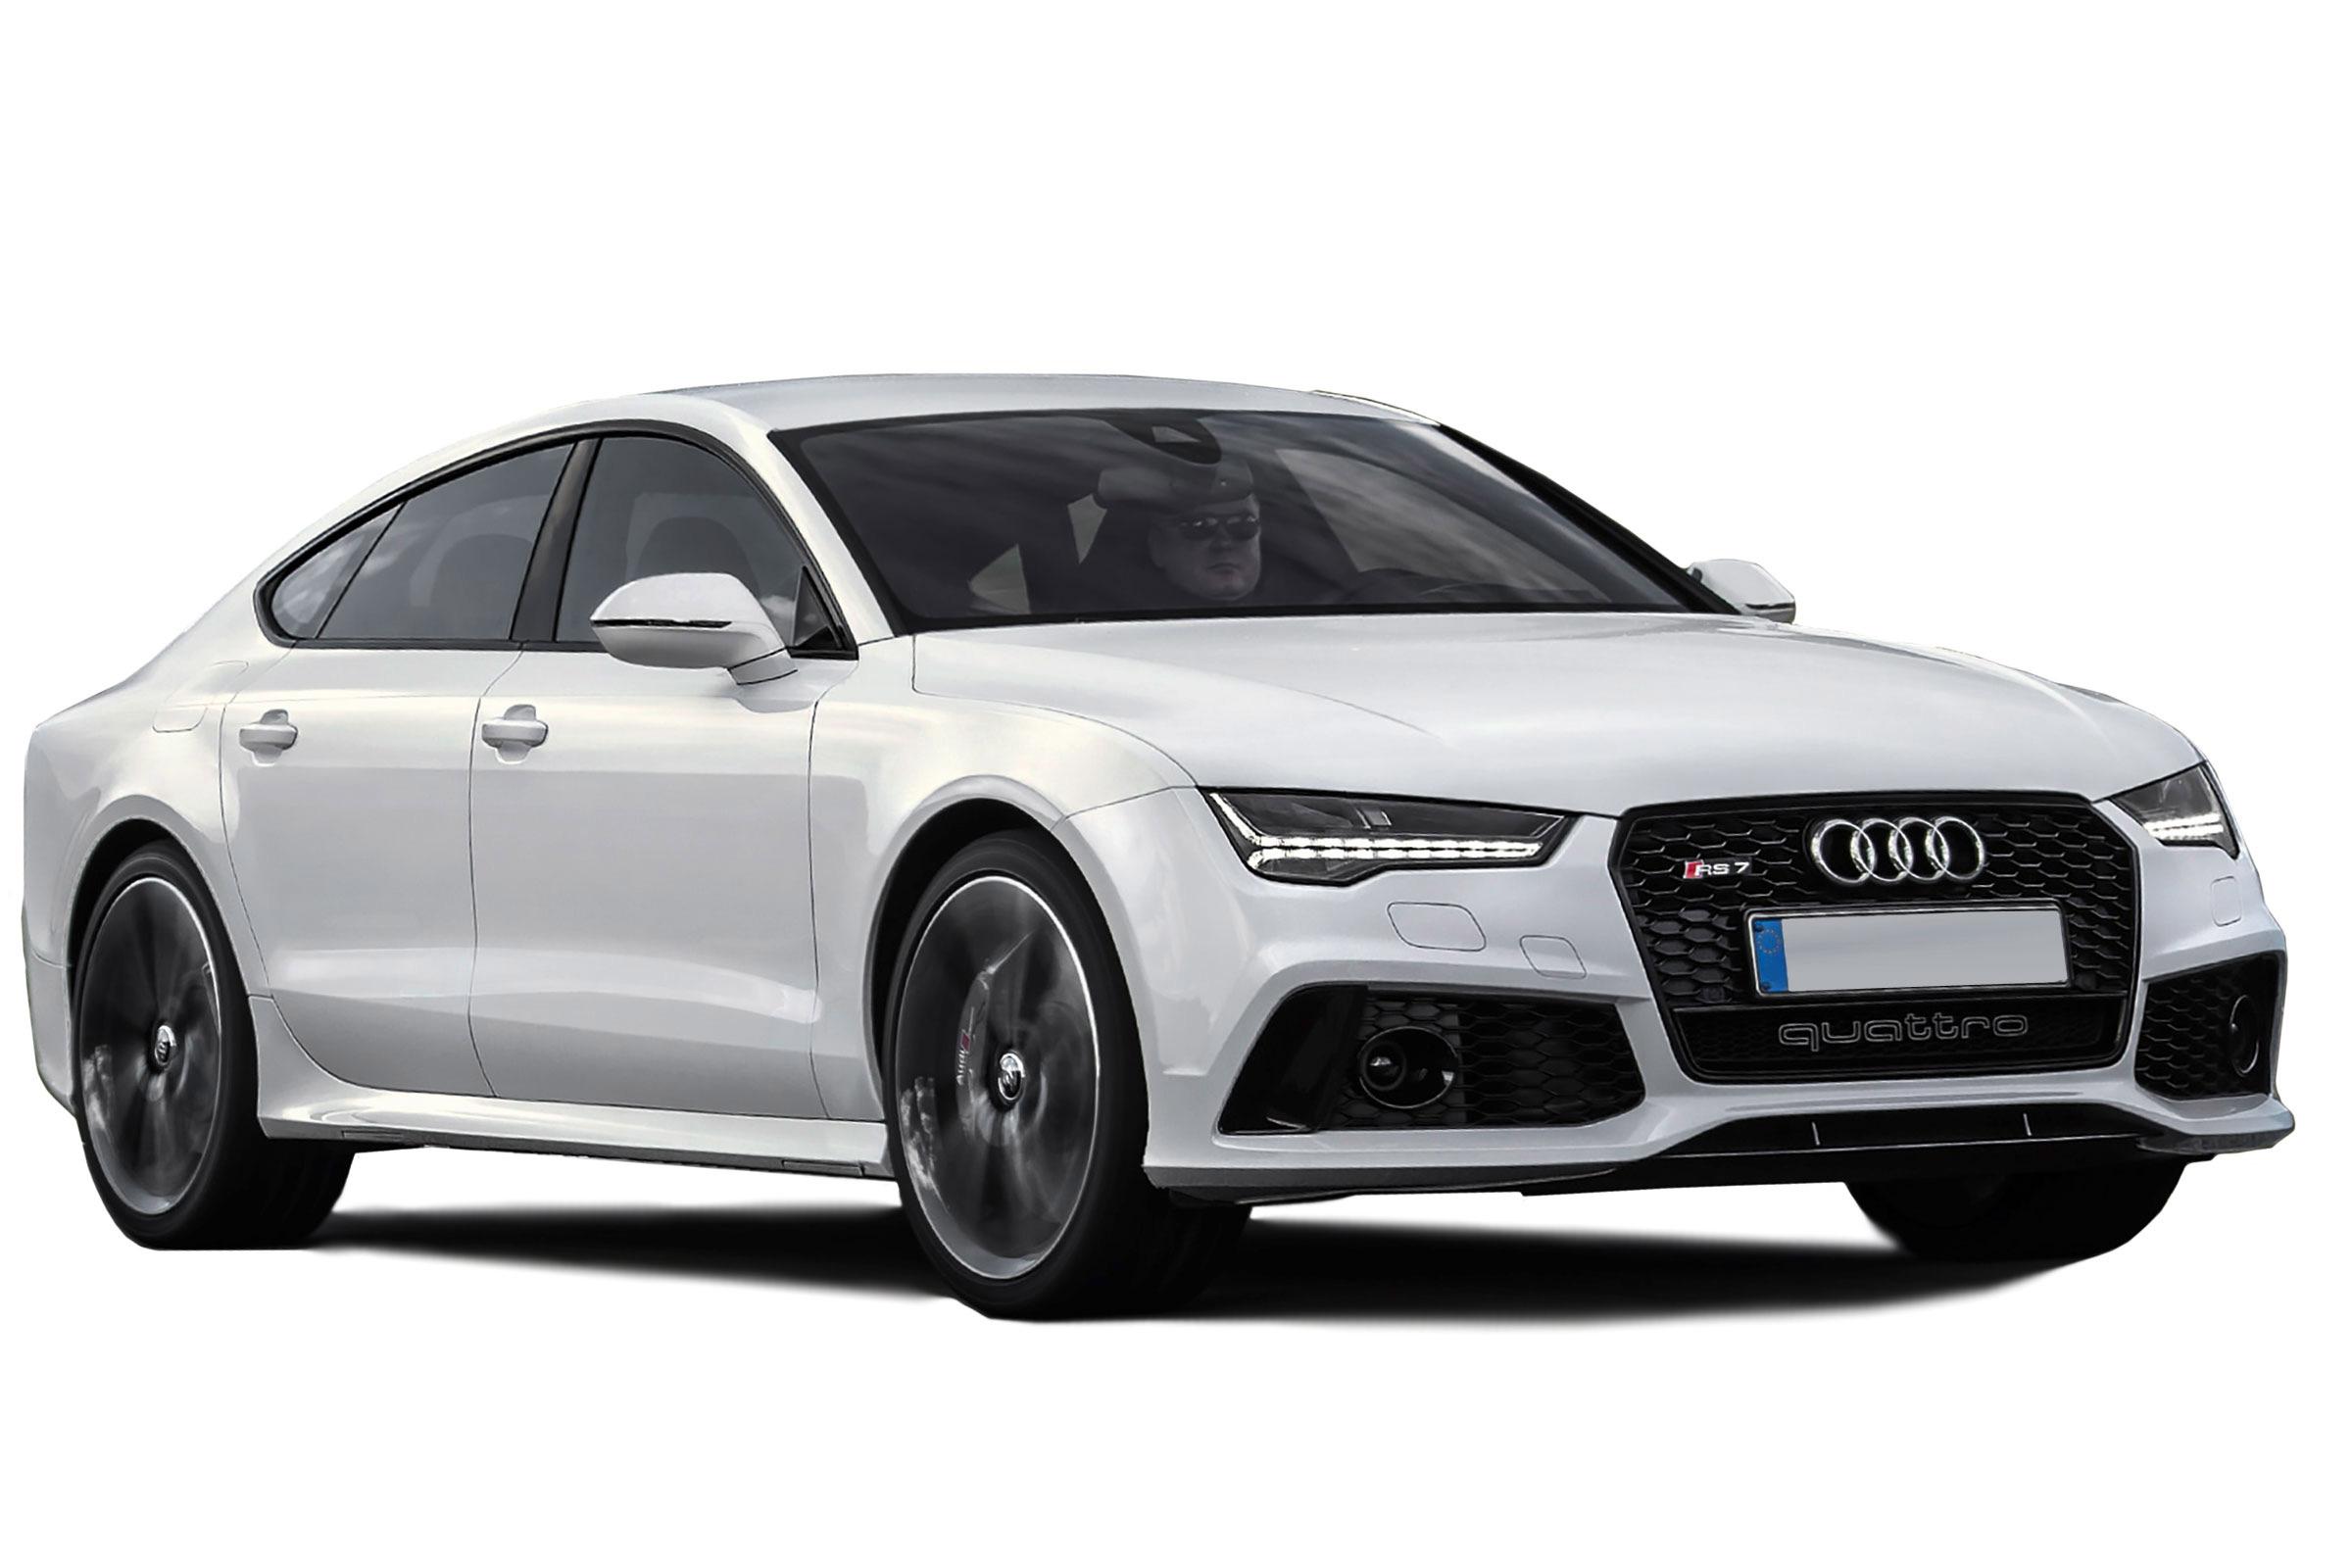 Audi A7 RS